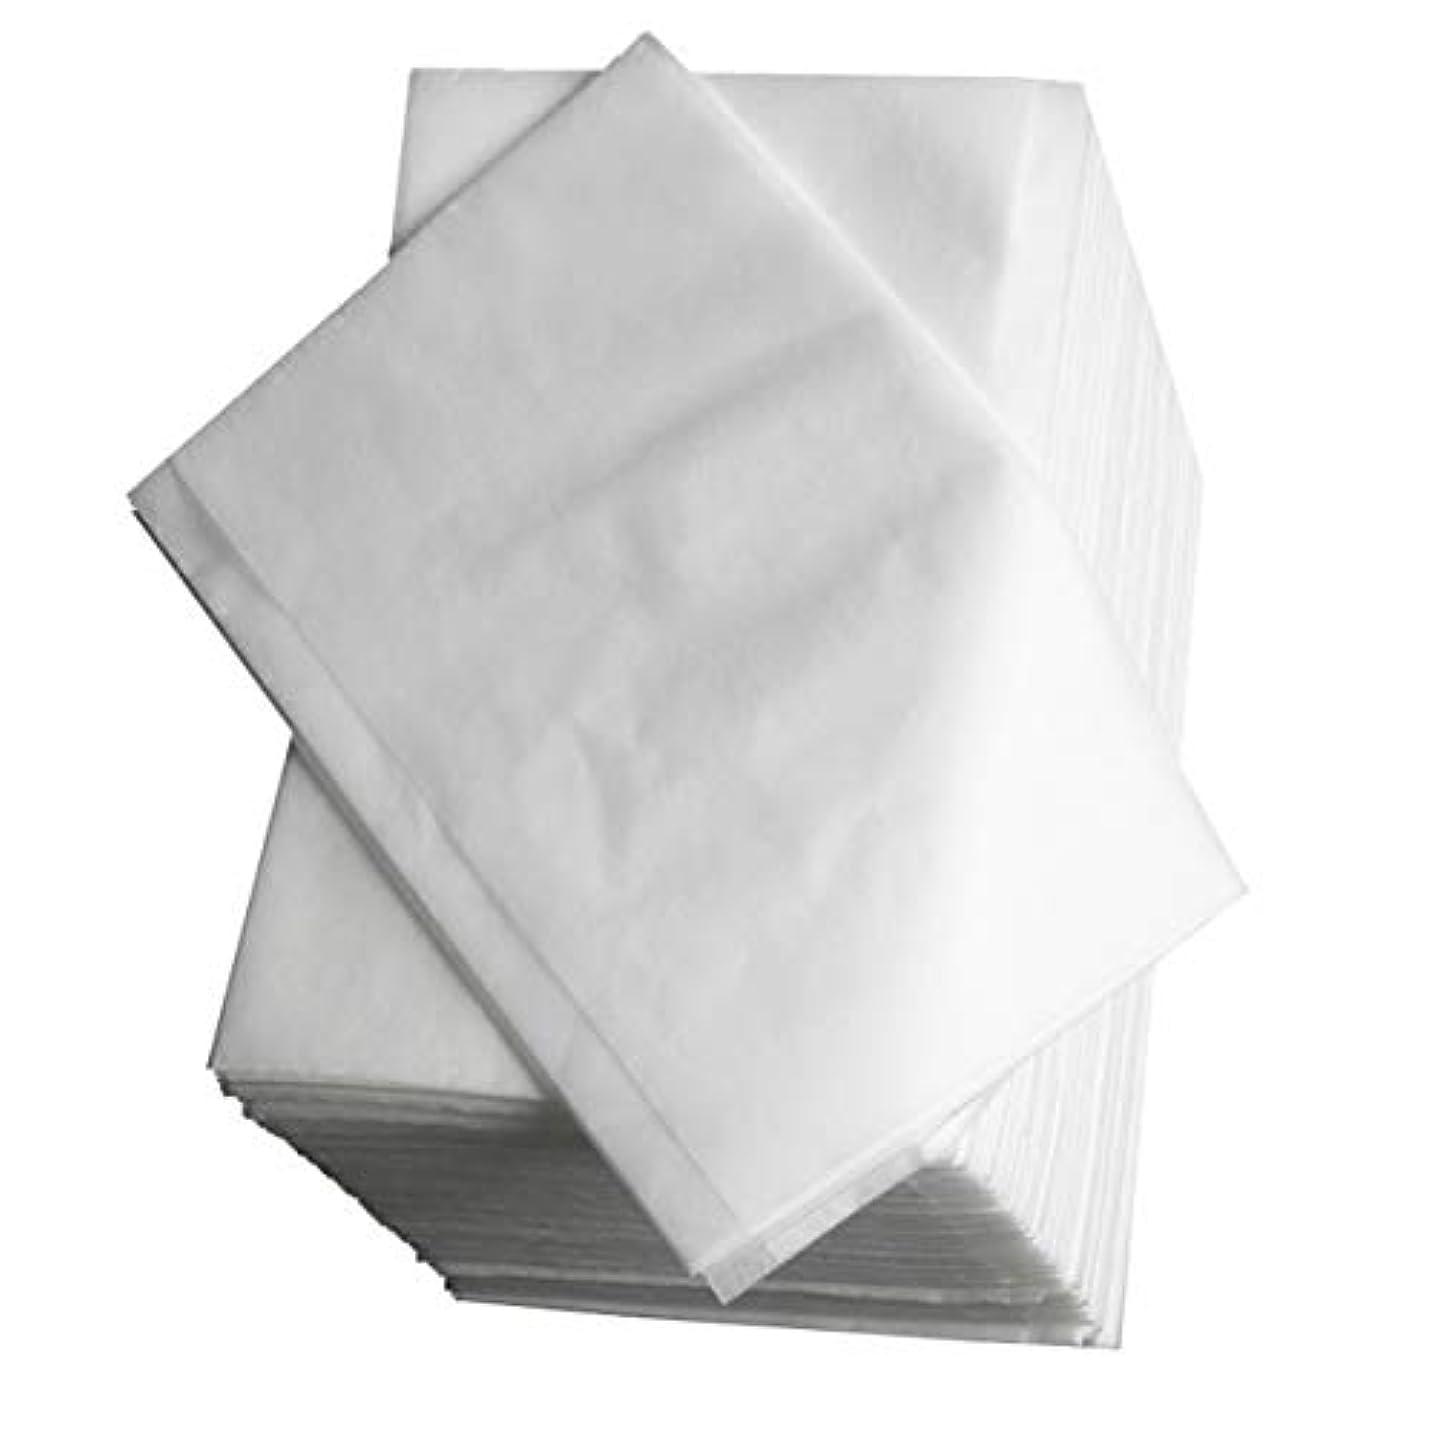 実験的カート終点Disposable Bed Linen Beauty Salon Massage Travel Medical Non-woven Mattress Breathable Antibacterial Anti-infective